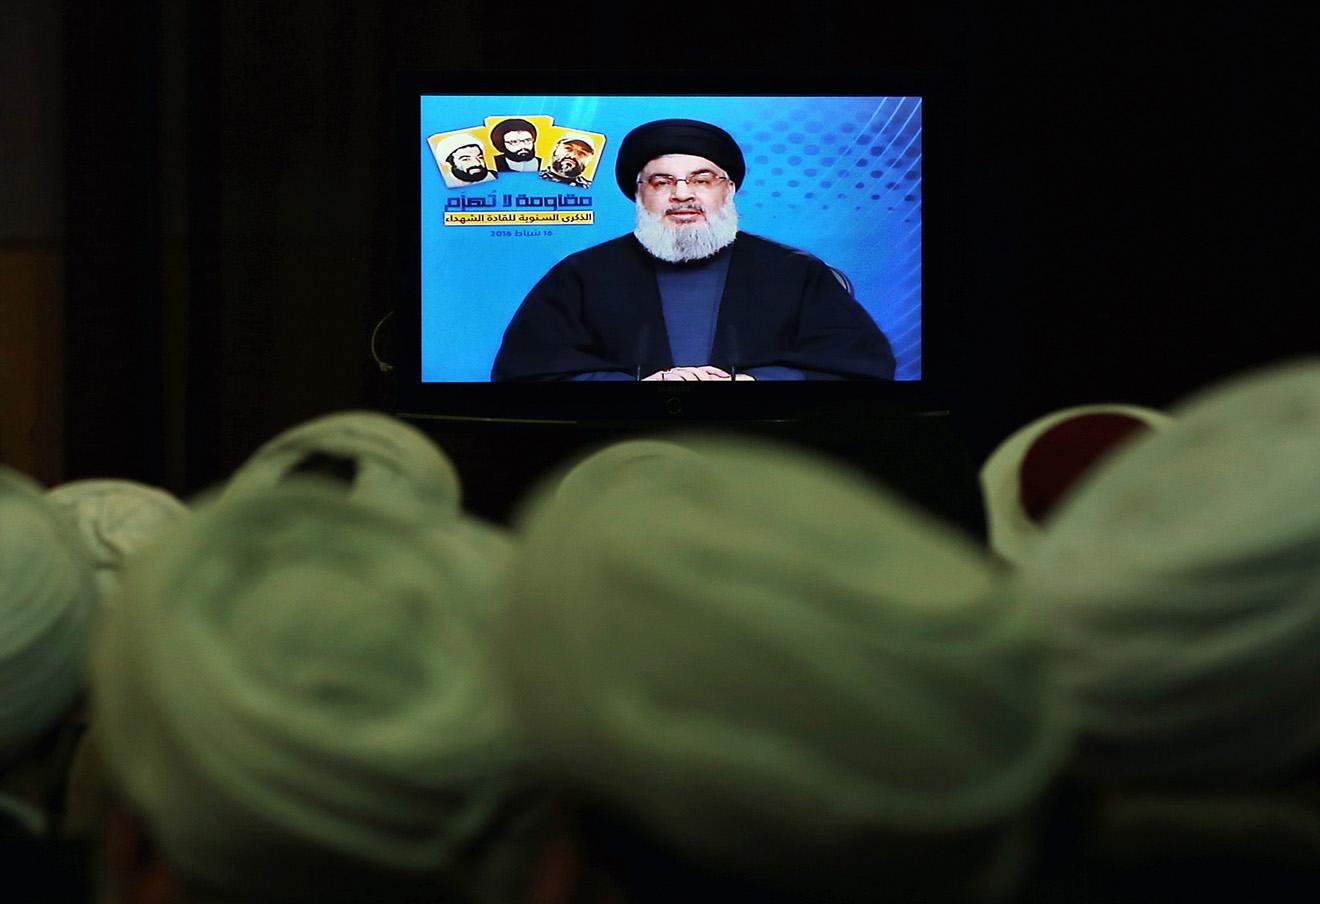 Шииты и сунниты смотрят выступление Хасана Насраллы, лидера ливанской «Хезболлы». Ливия, 16 февраля 2016. Фото: Bilal Hussein / AP / East News